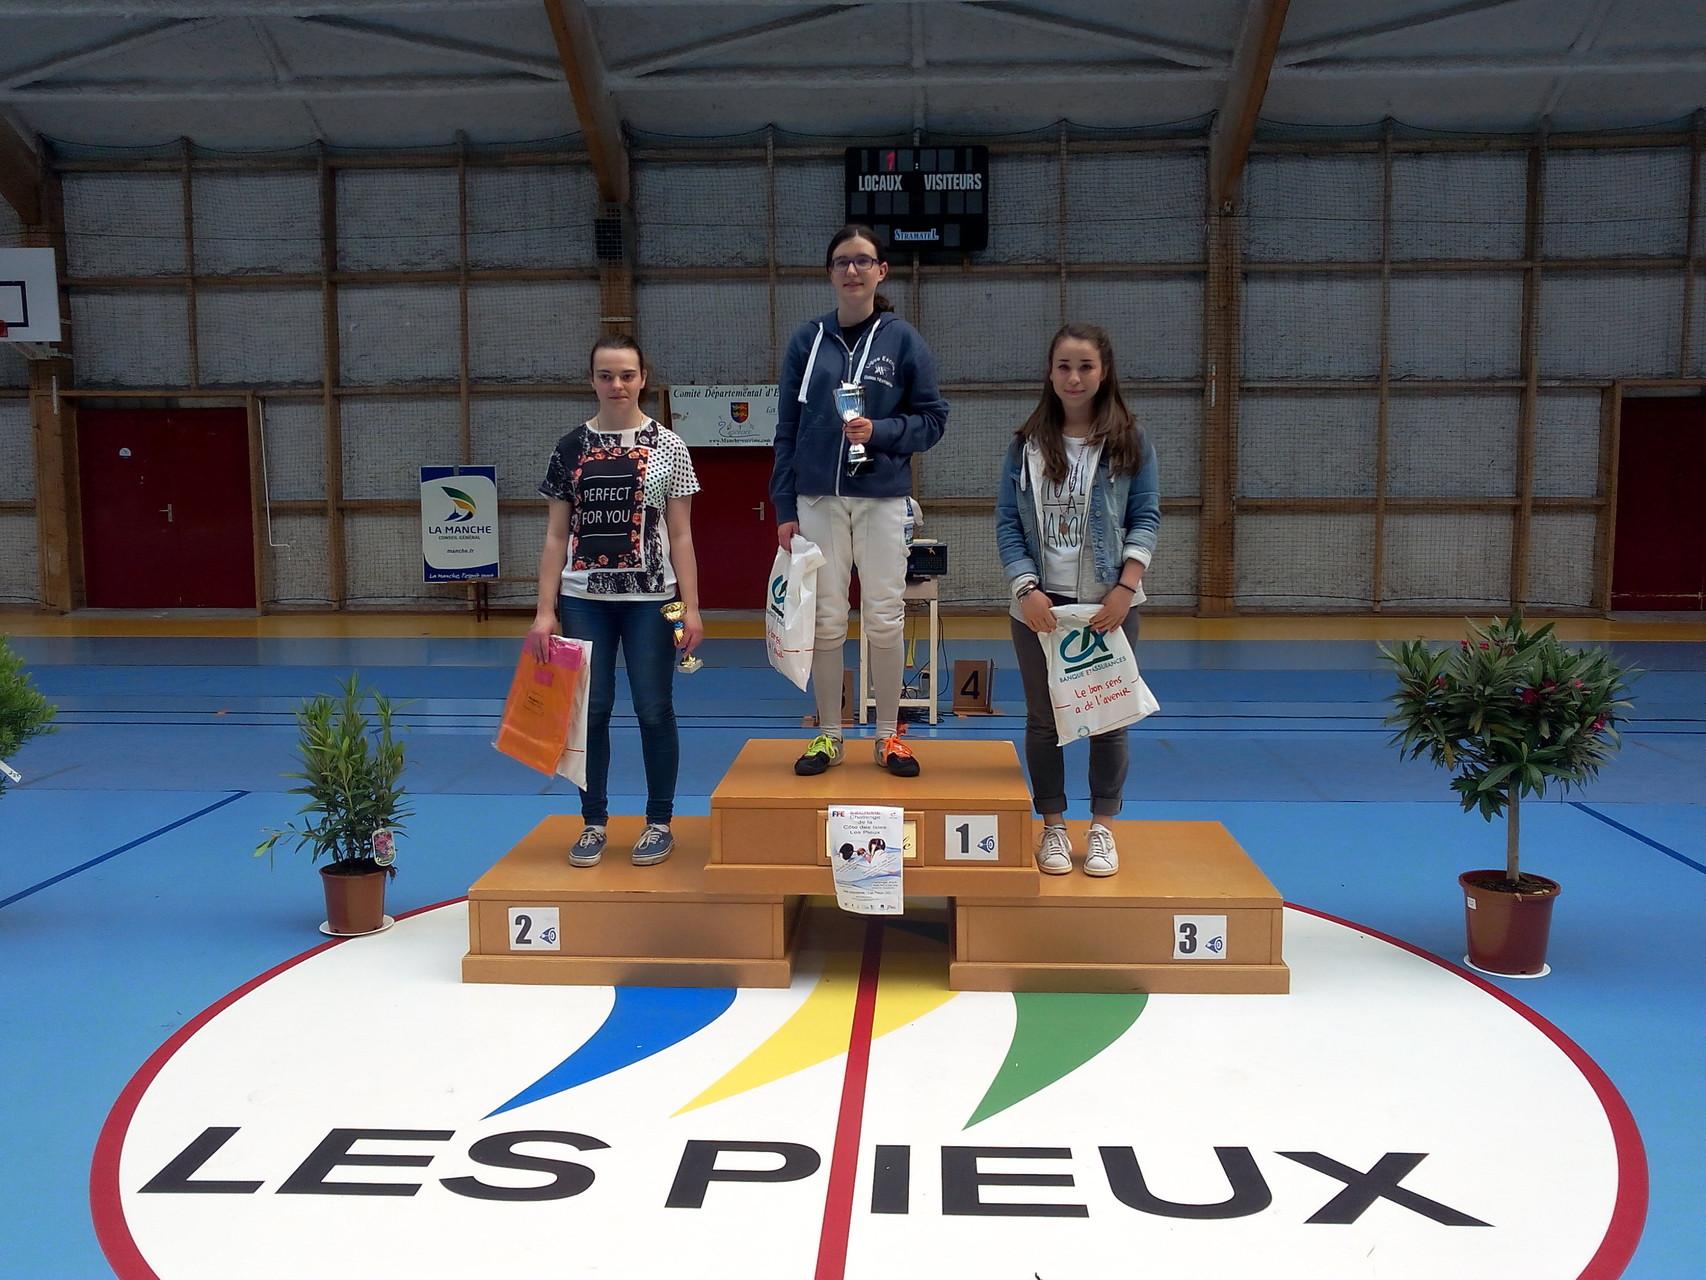 podium fleuret cadette. 1re place pour MORVAN Faustine.